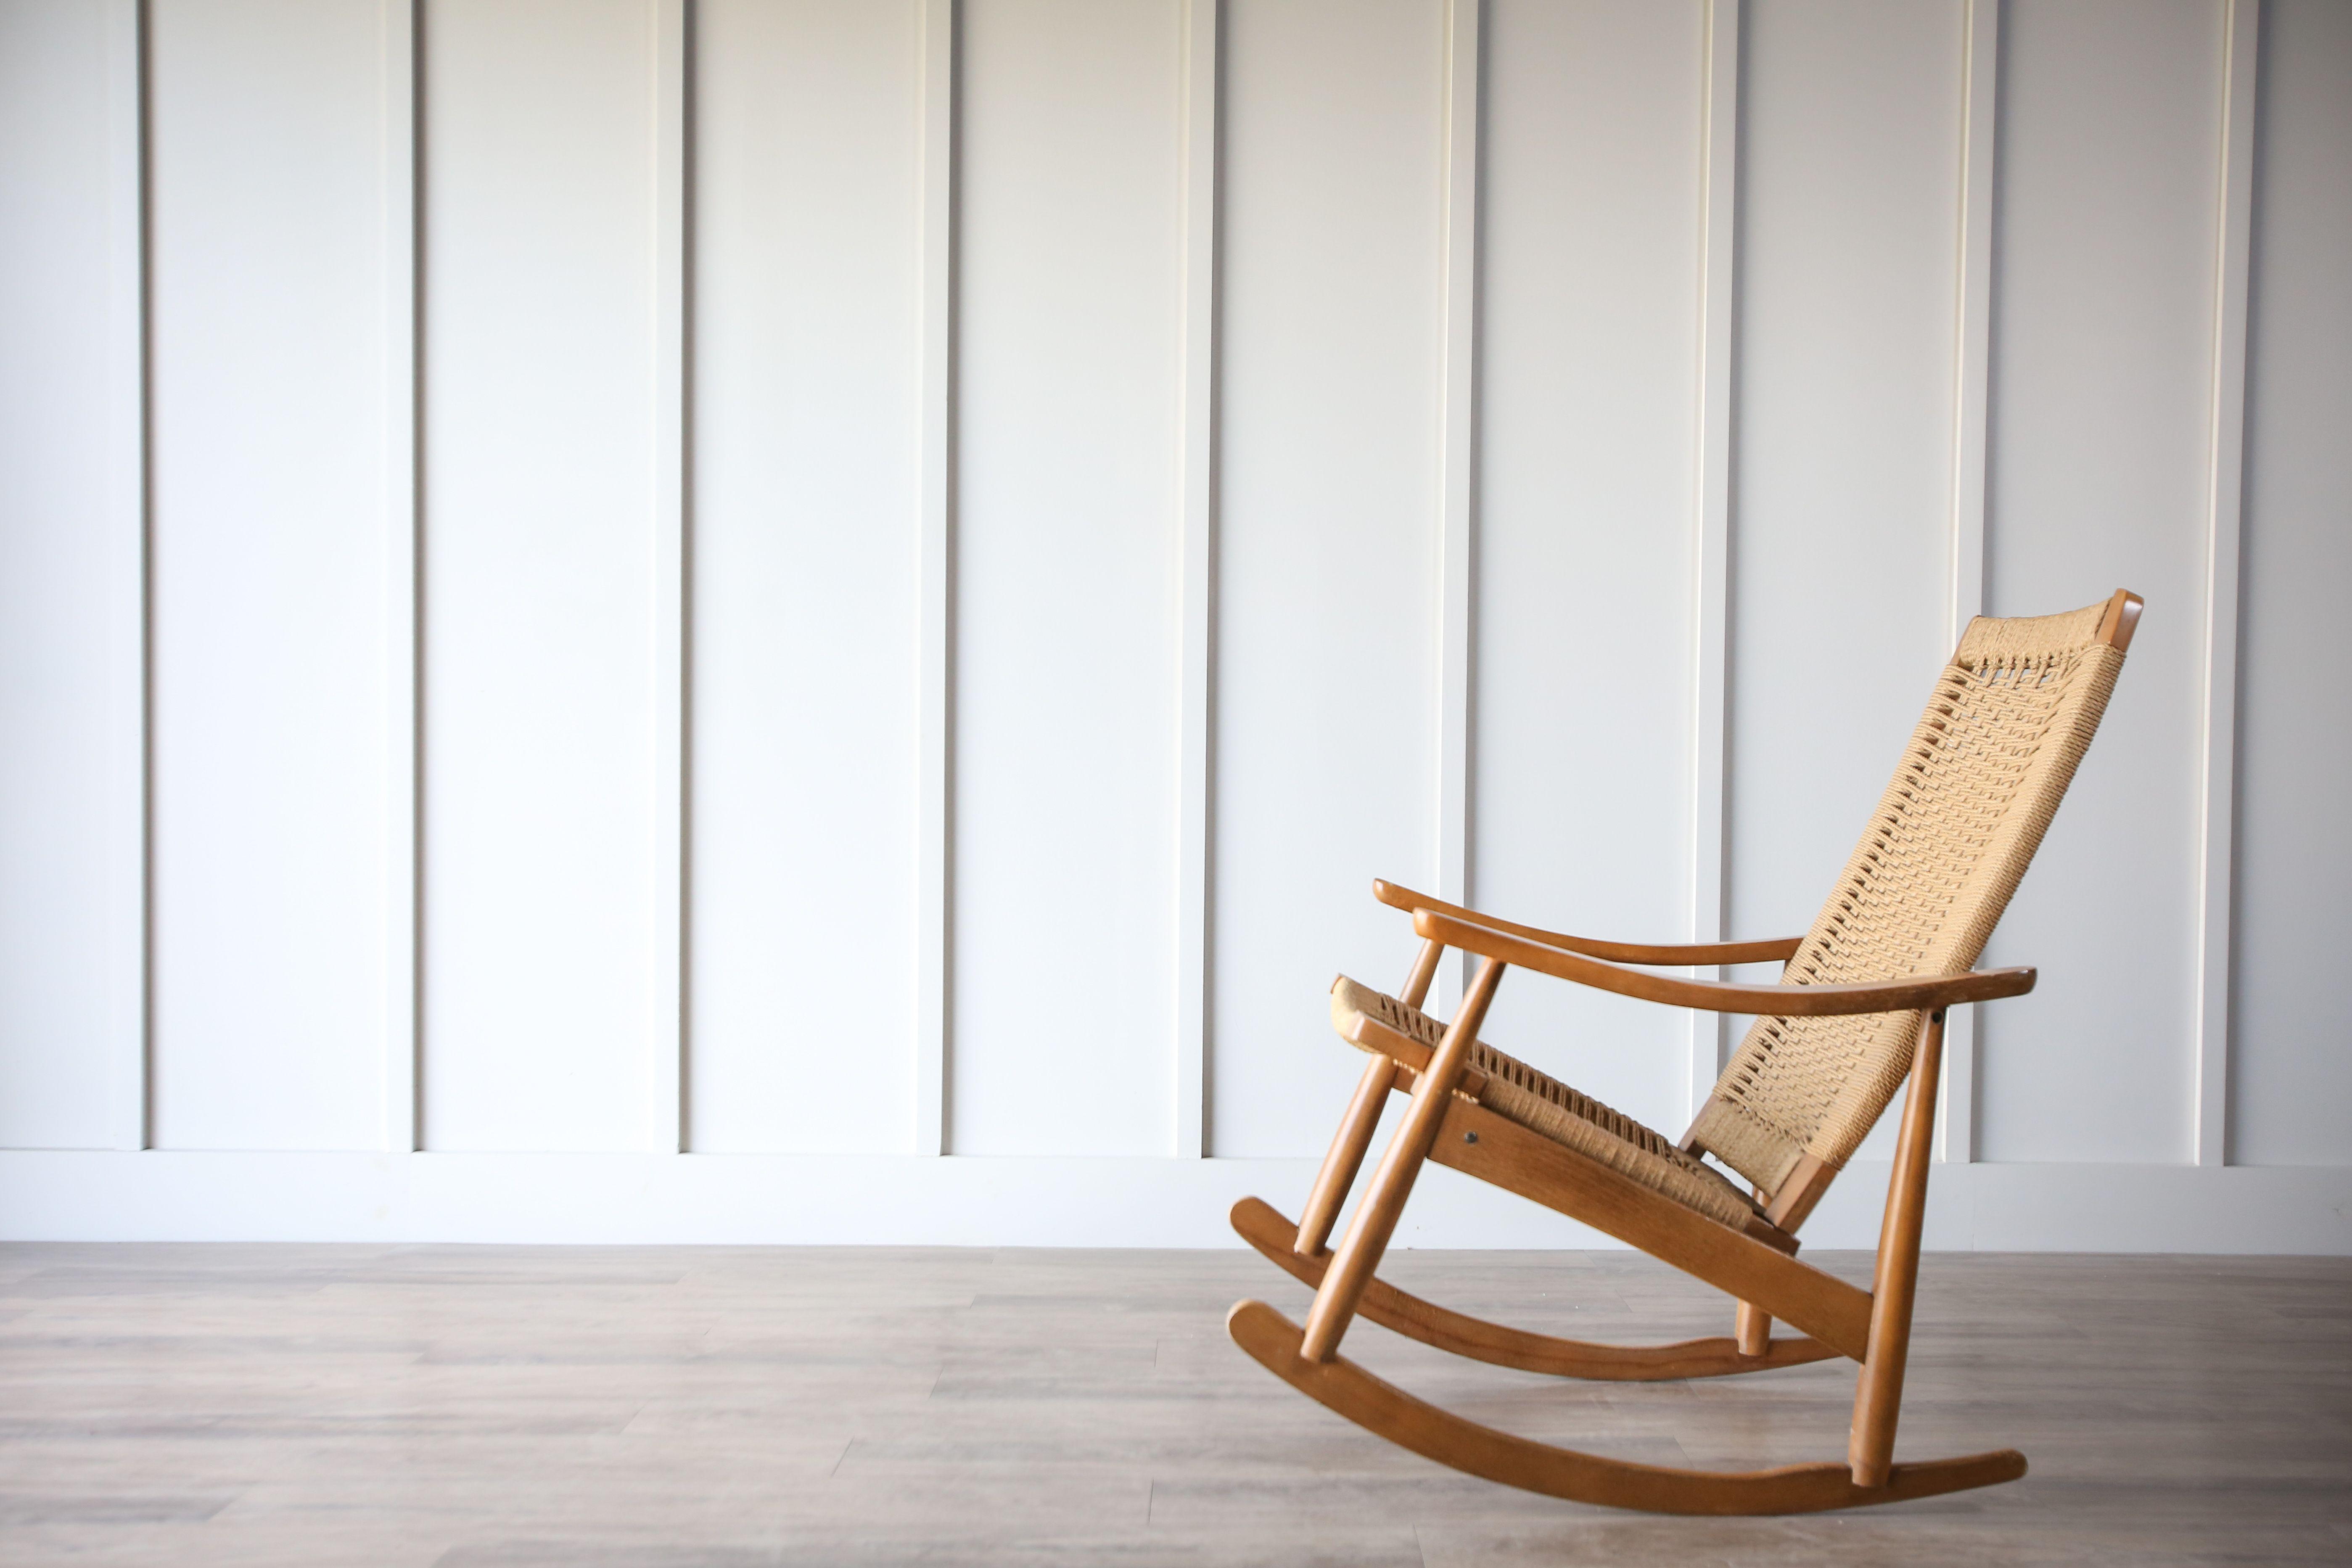 Tremendous Danish Rope Rocker In 2019 Housemade Vintage Rocking Short Links Chair Design For Home Short Linksinfo